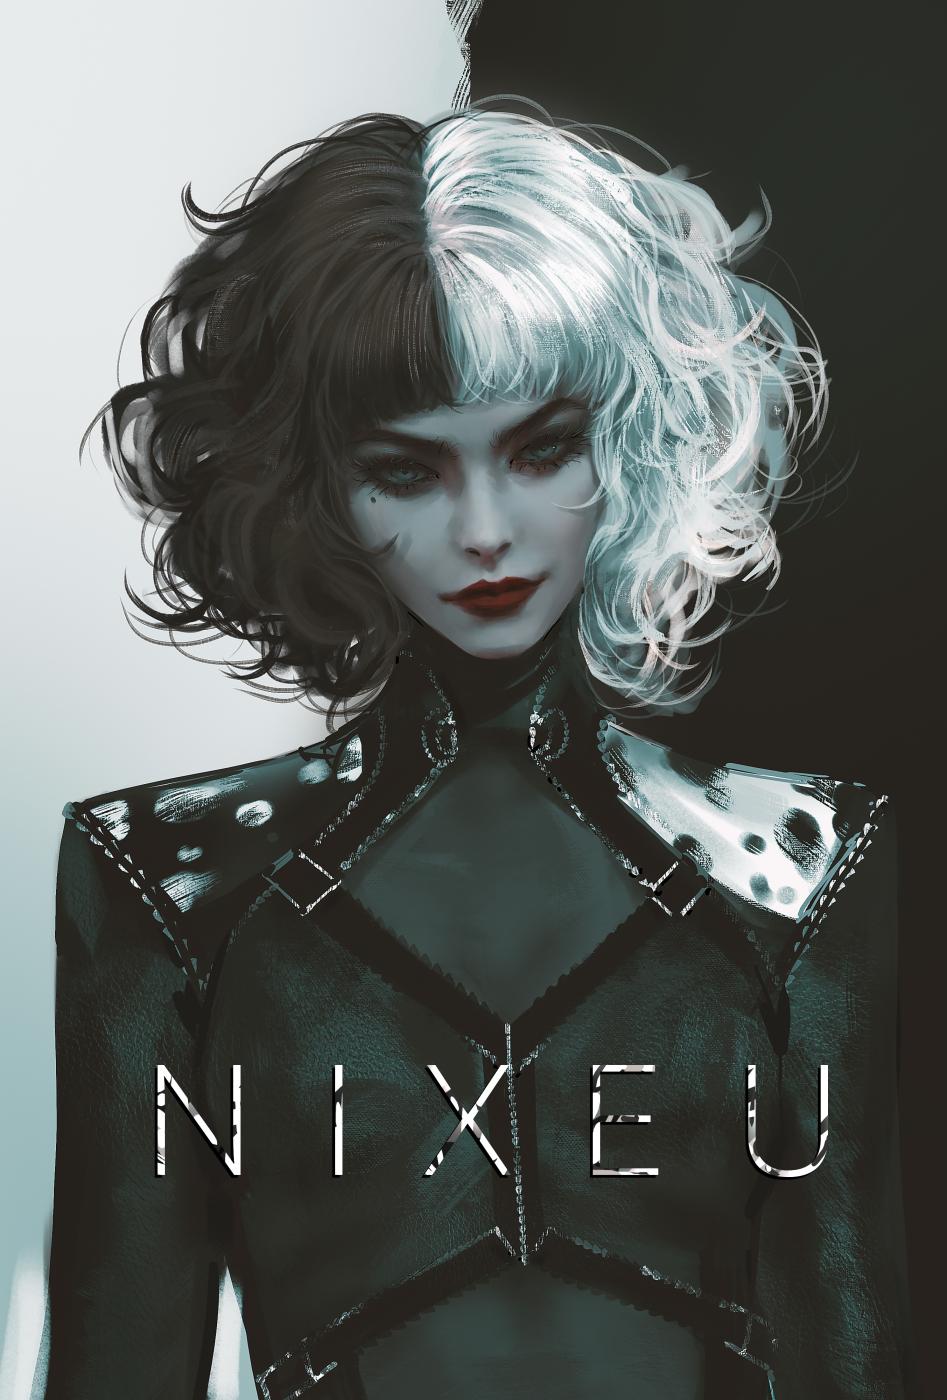 Cruella Cruella De Vil Emma Stone Disney Nixeu Women White Hair Black Hair Artwork Fan Art Illustrat 947x1400